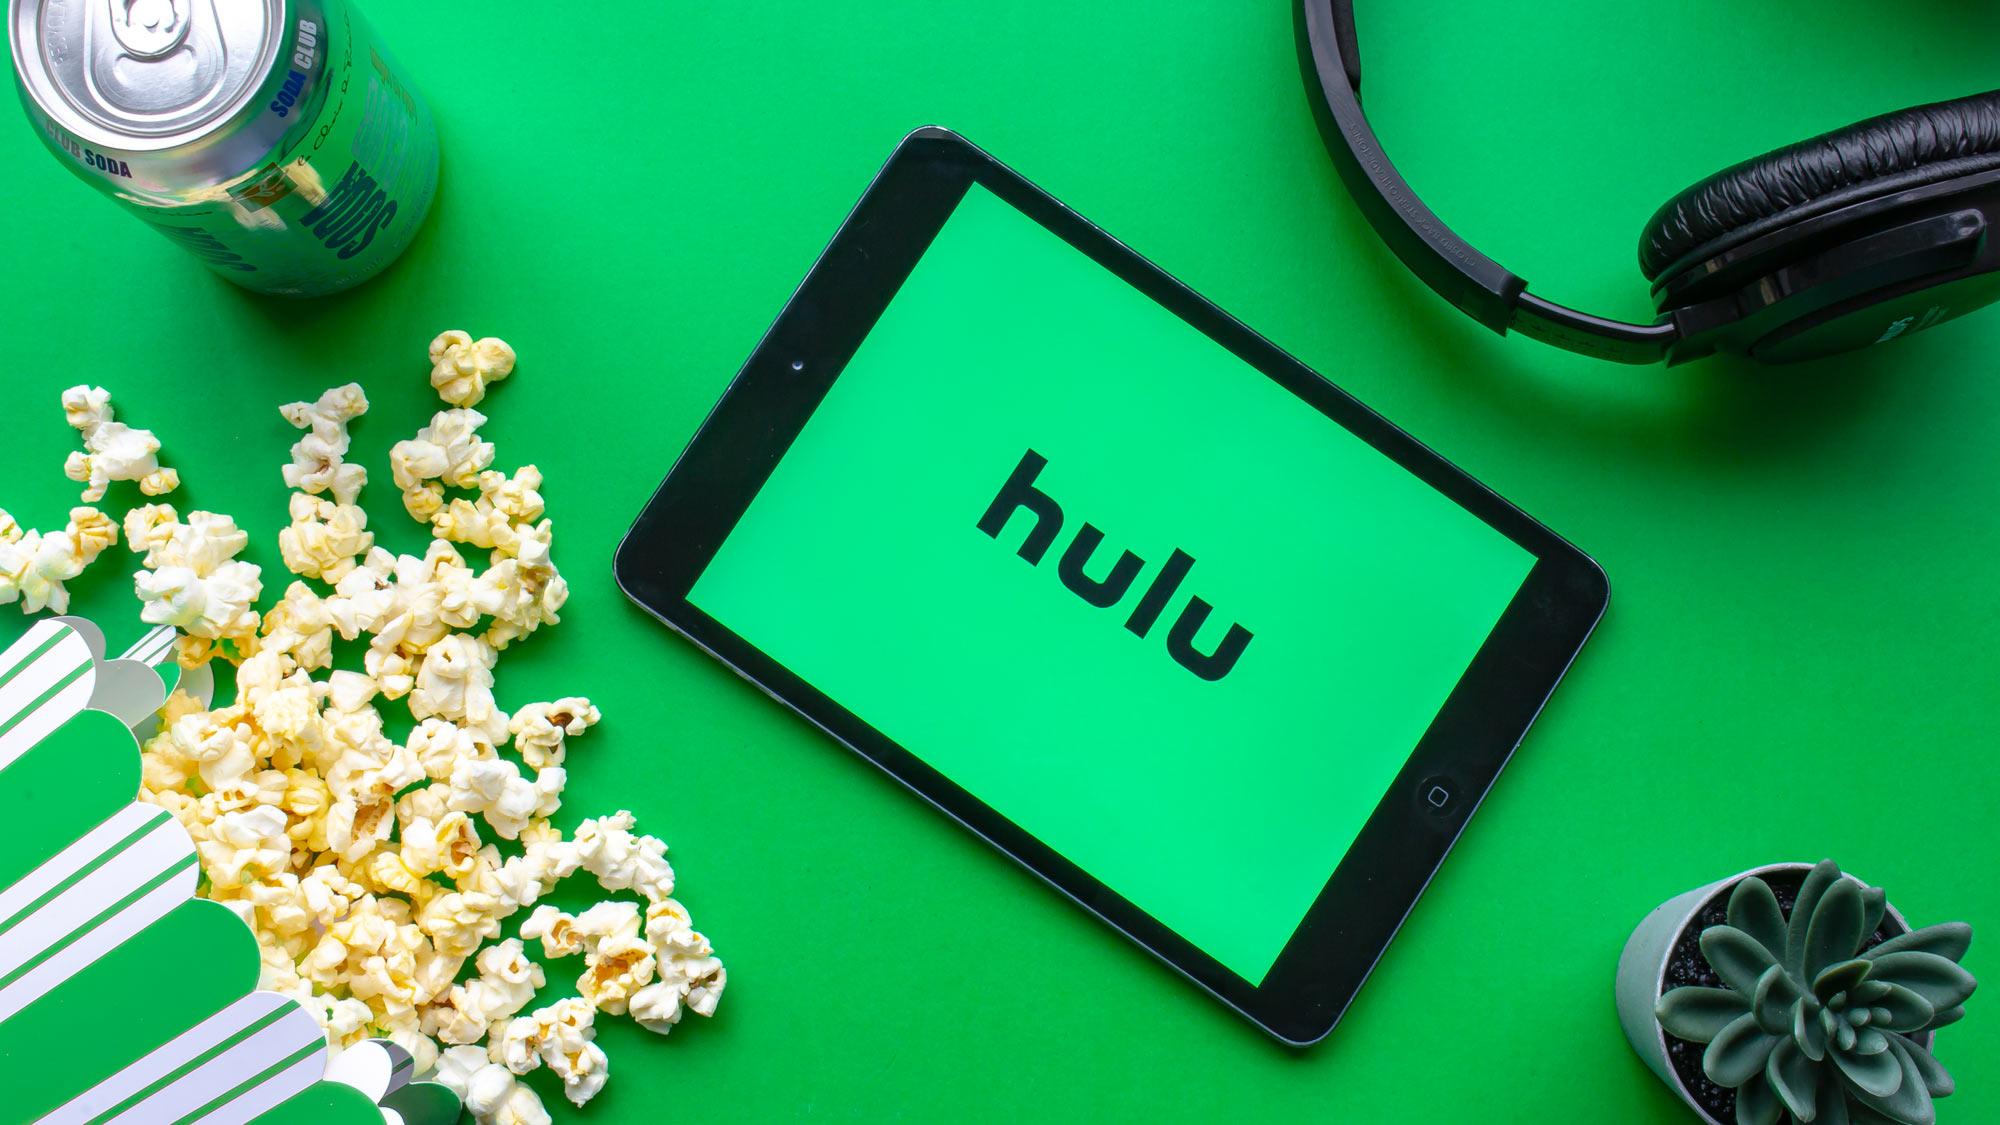 Netflix vs Hulu: Pricing